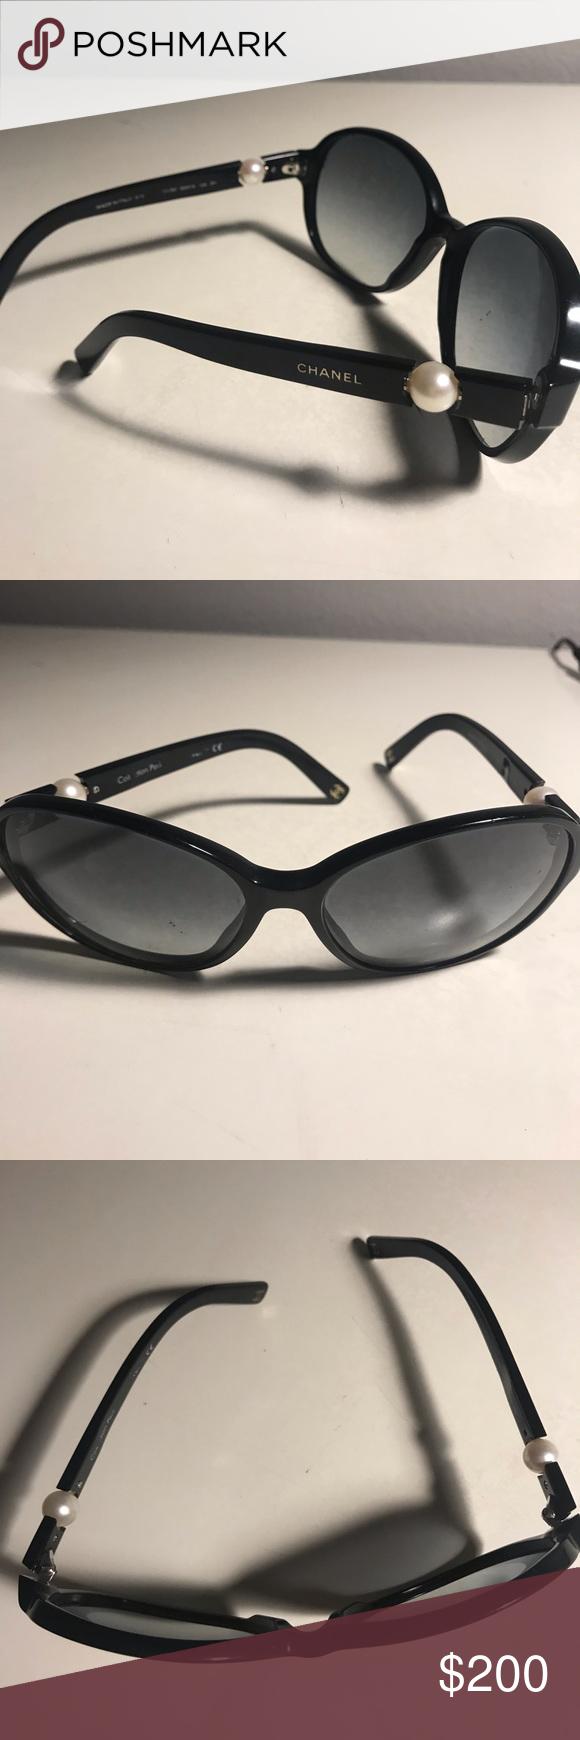 f10dee7a753e Authentic Chanel sunglasses Authentic Chanel sunglasses -Pearl collection  Some scratches CHANEL Accessories Glasses